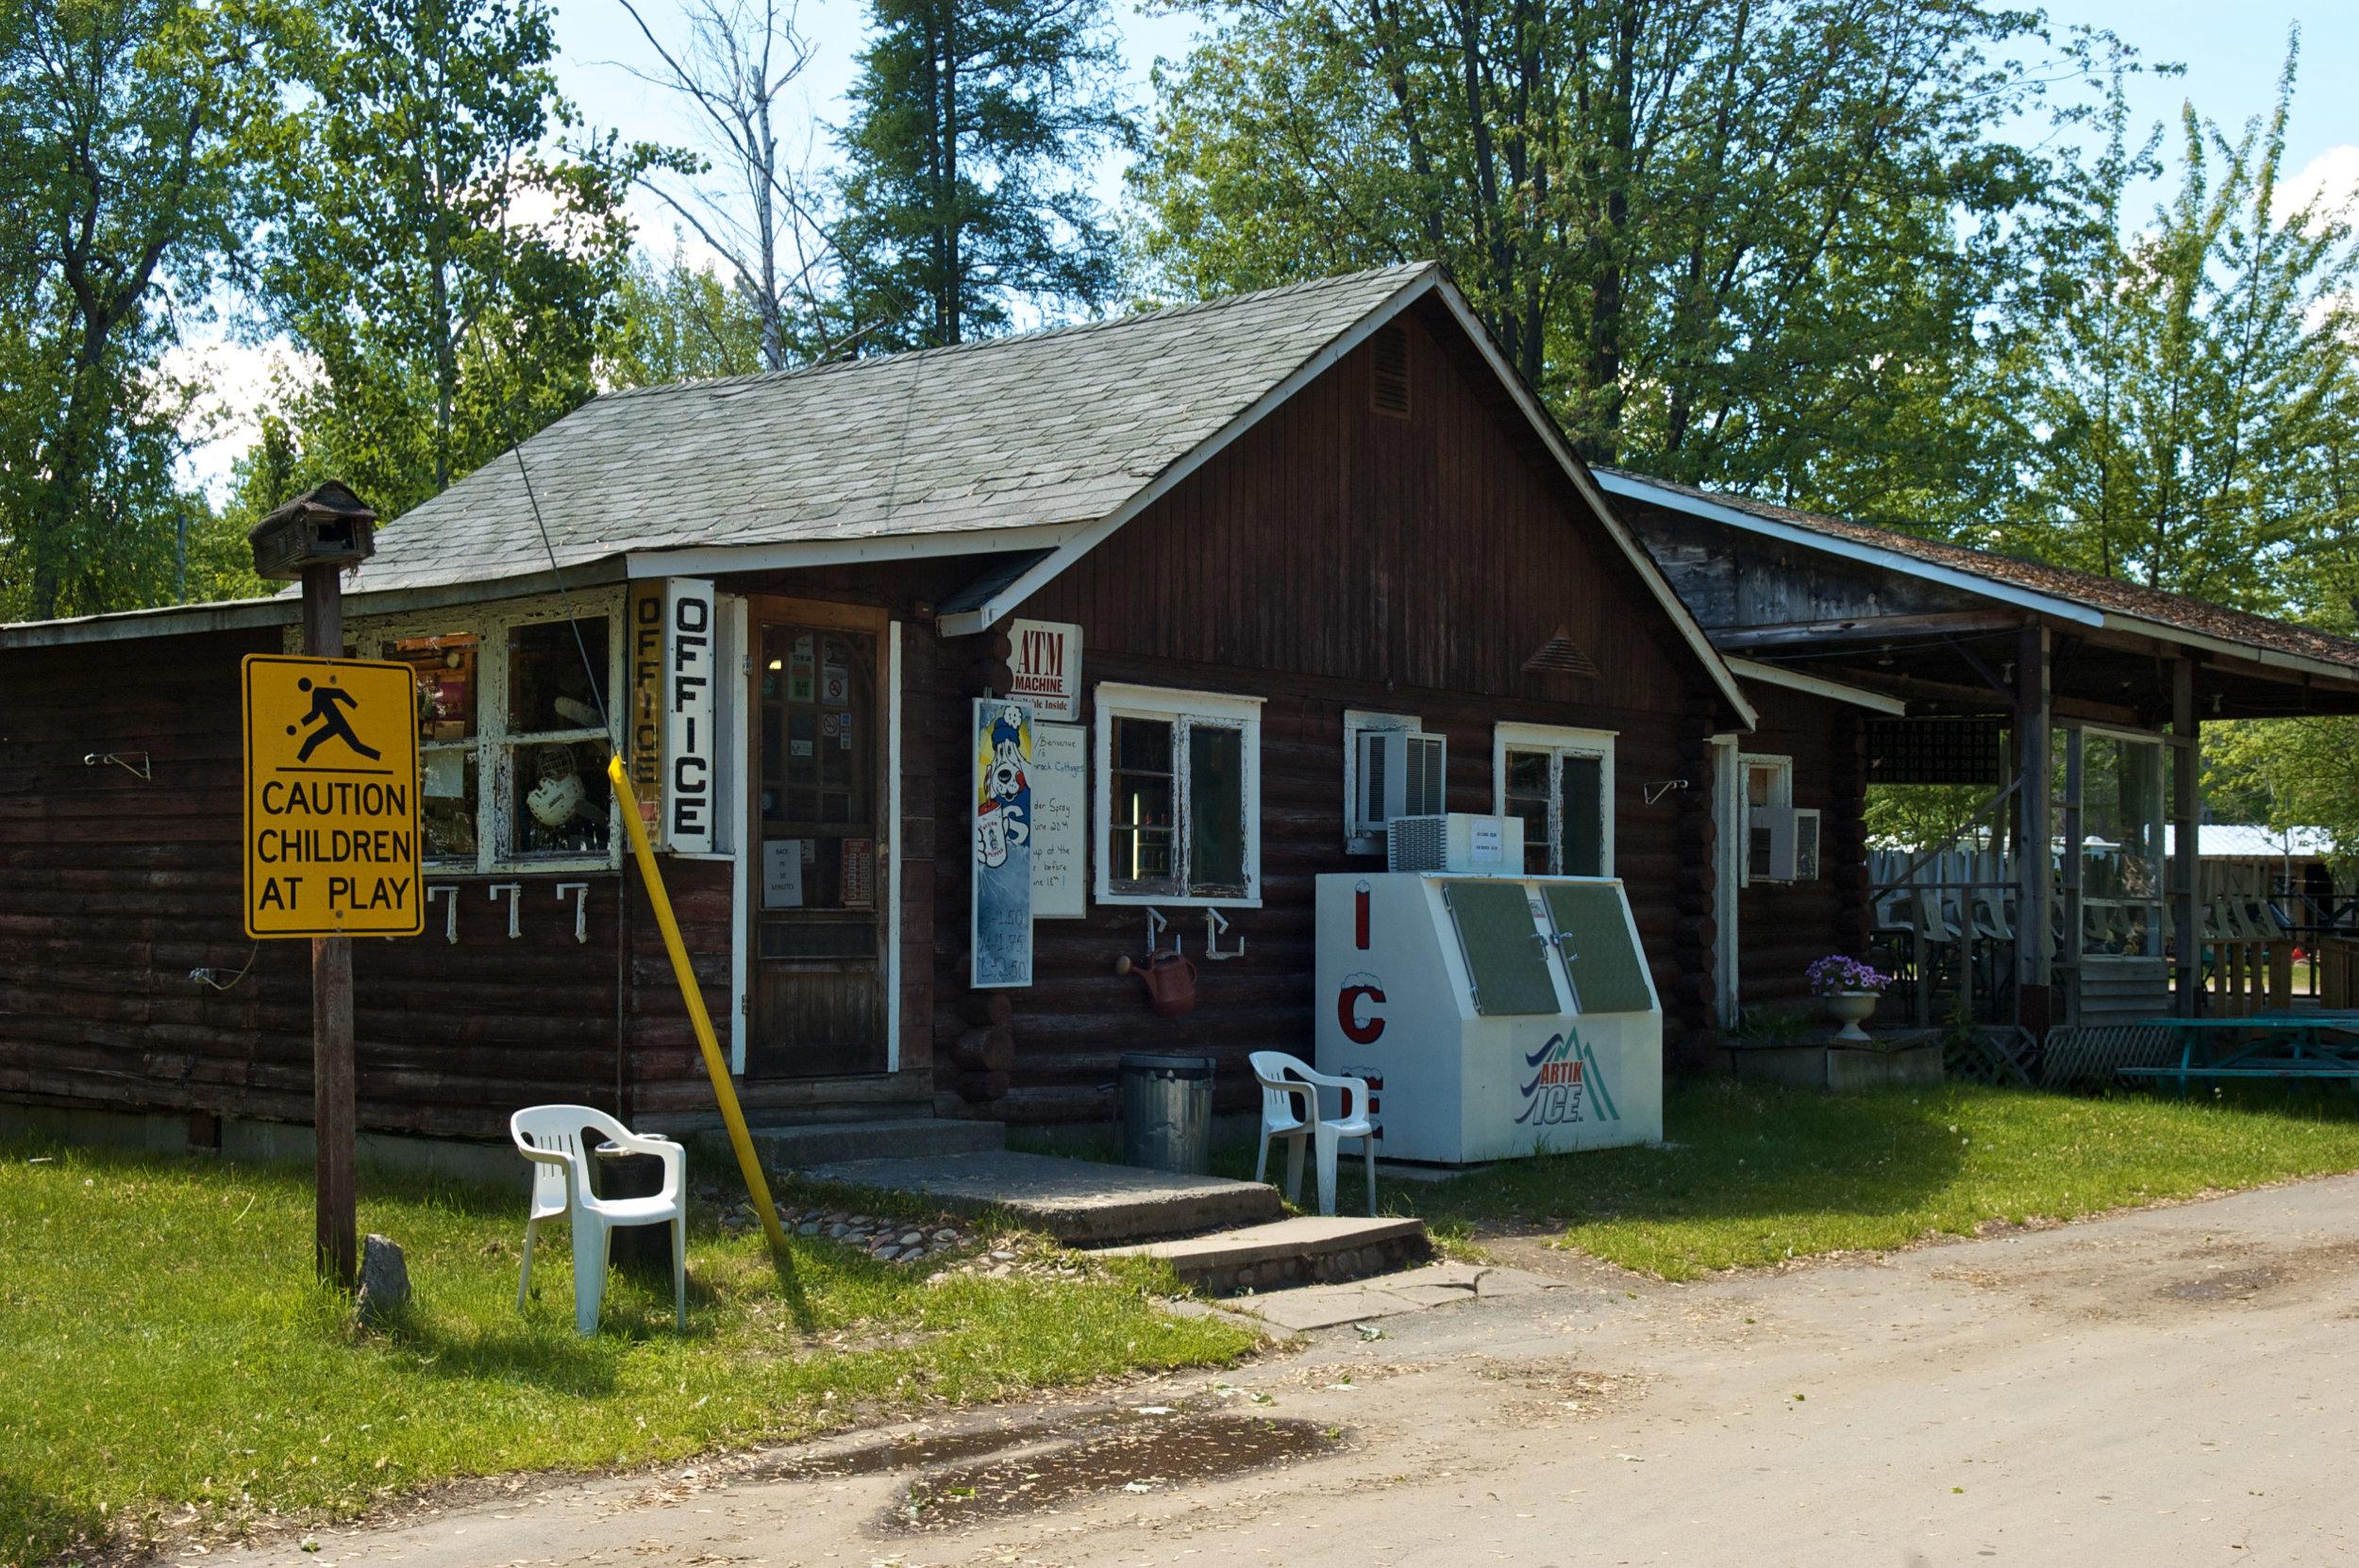 The Glenrock Store